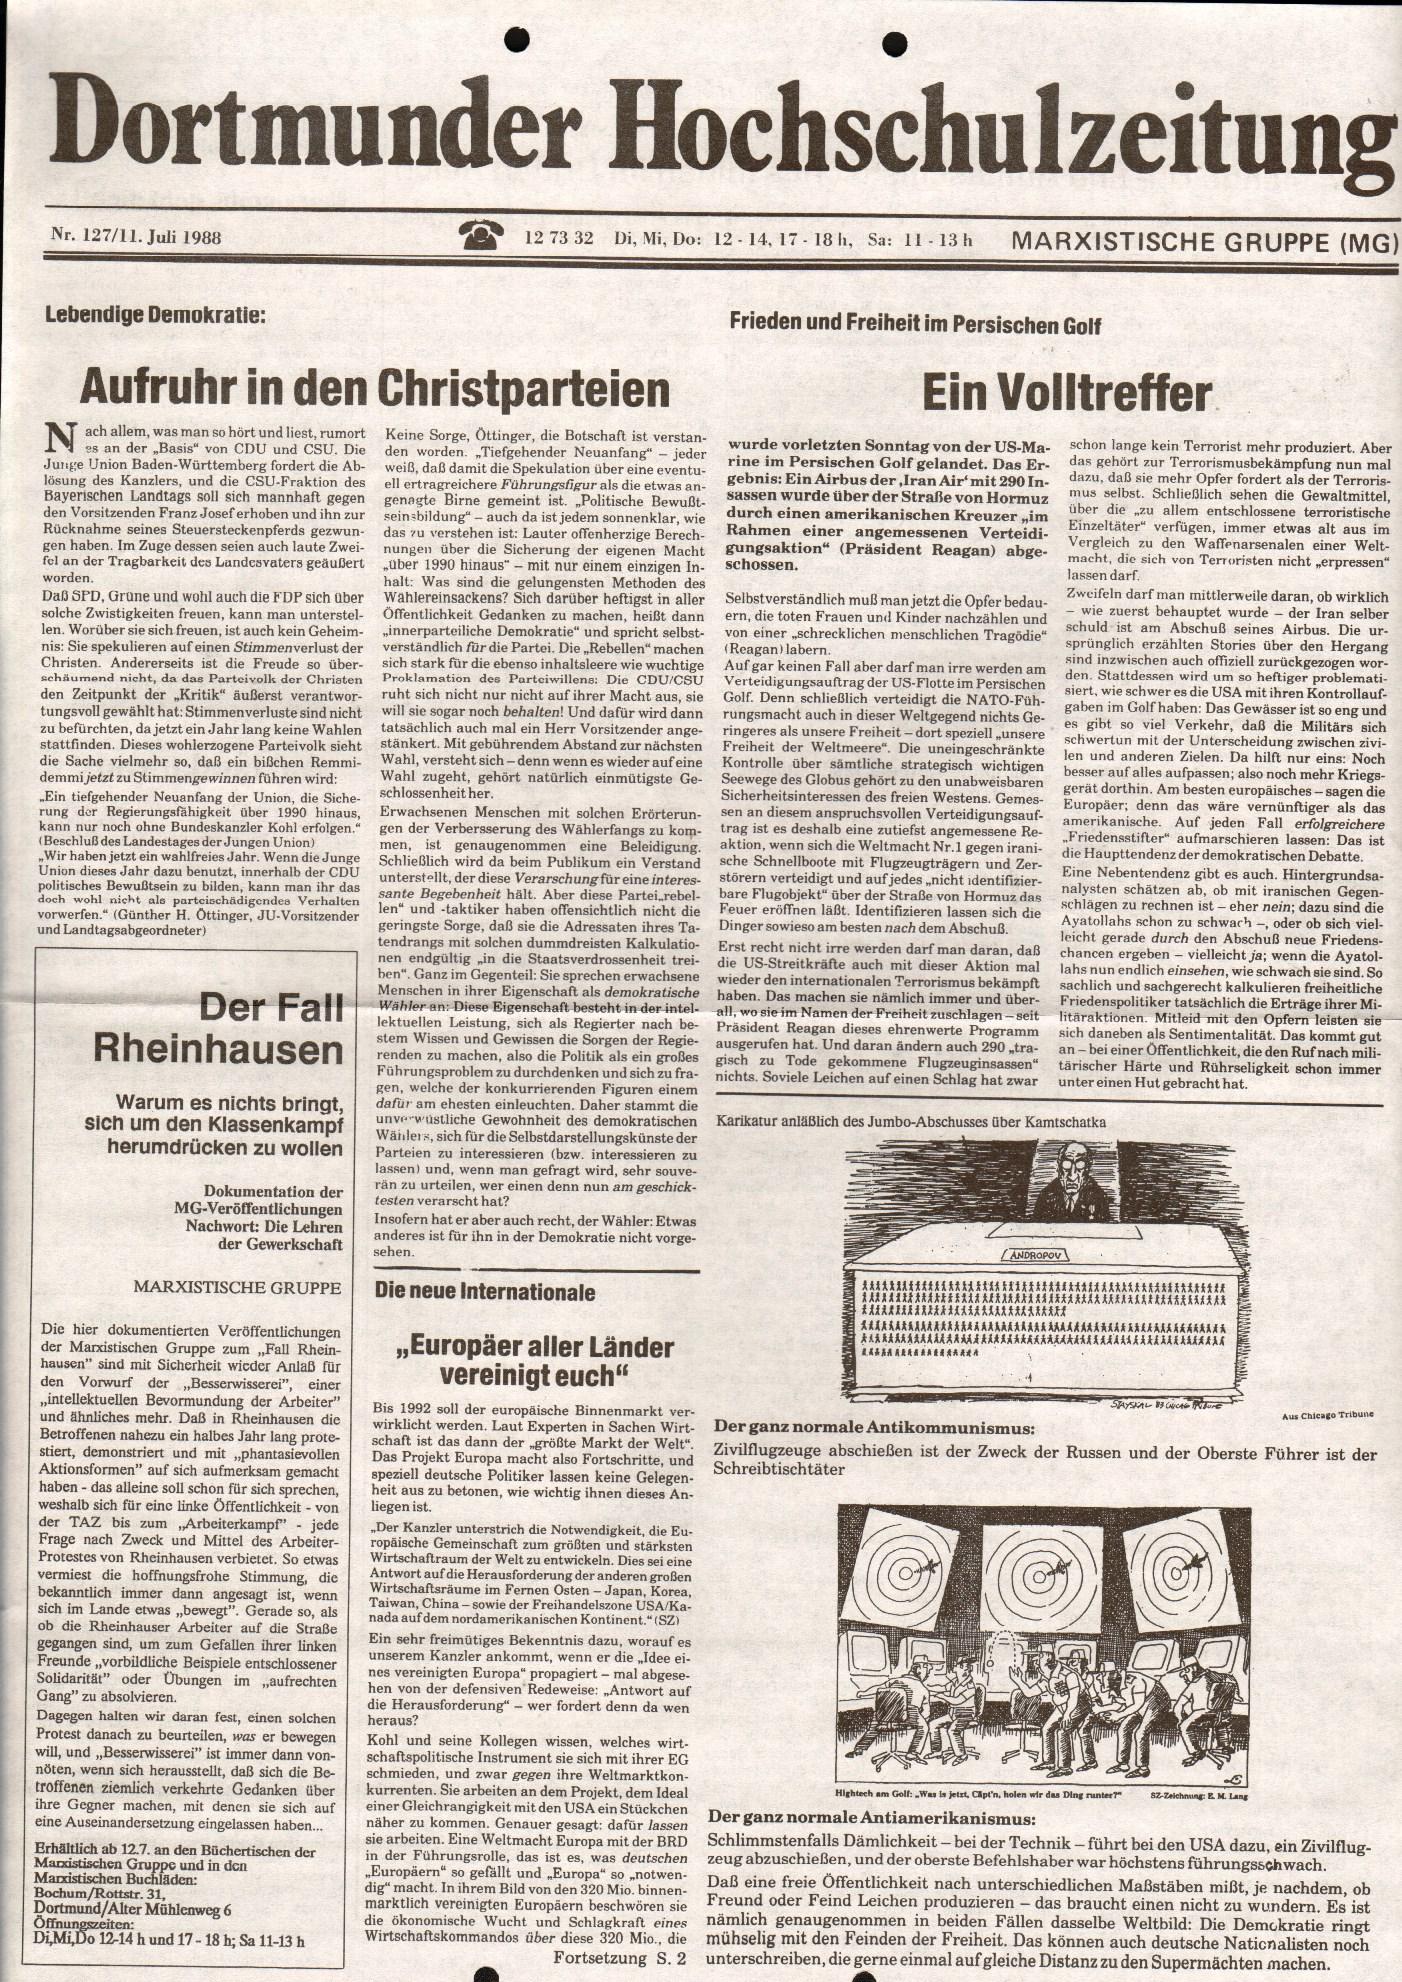 MG_Dortmunder_Hochschulzeitung_19880711_01